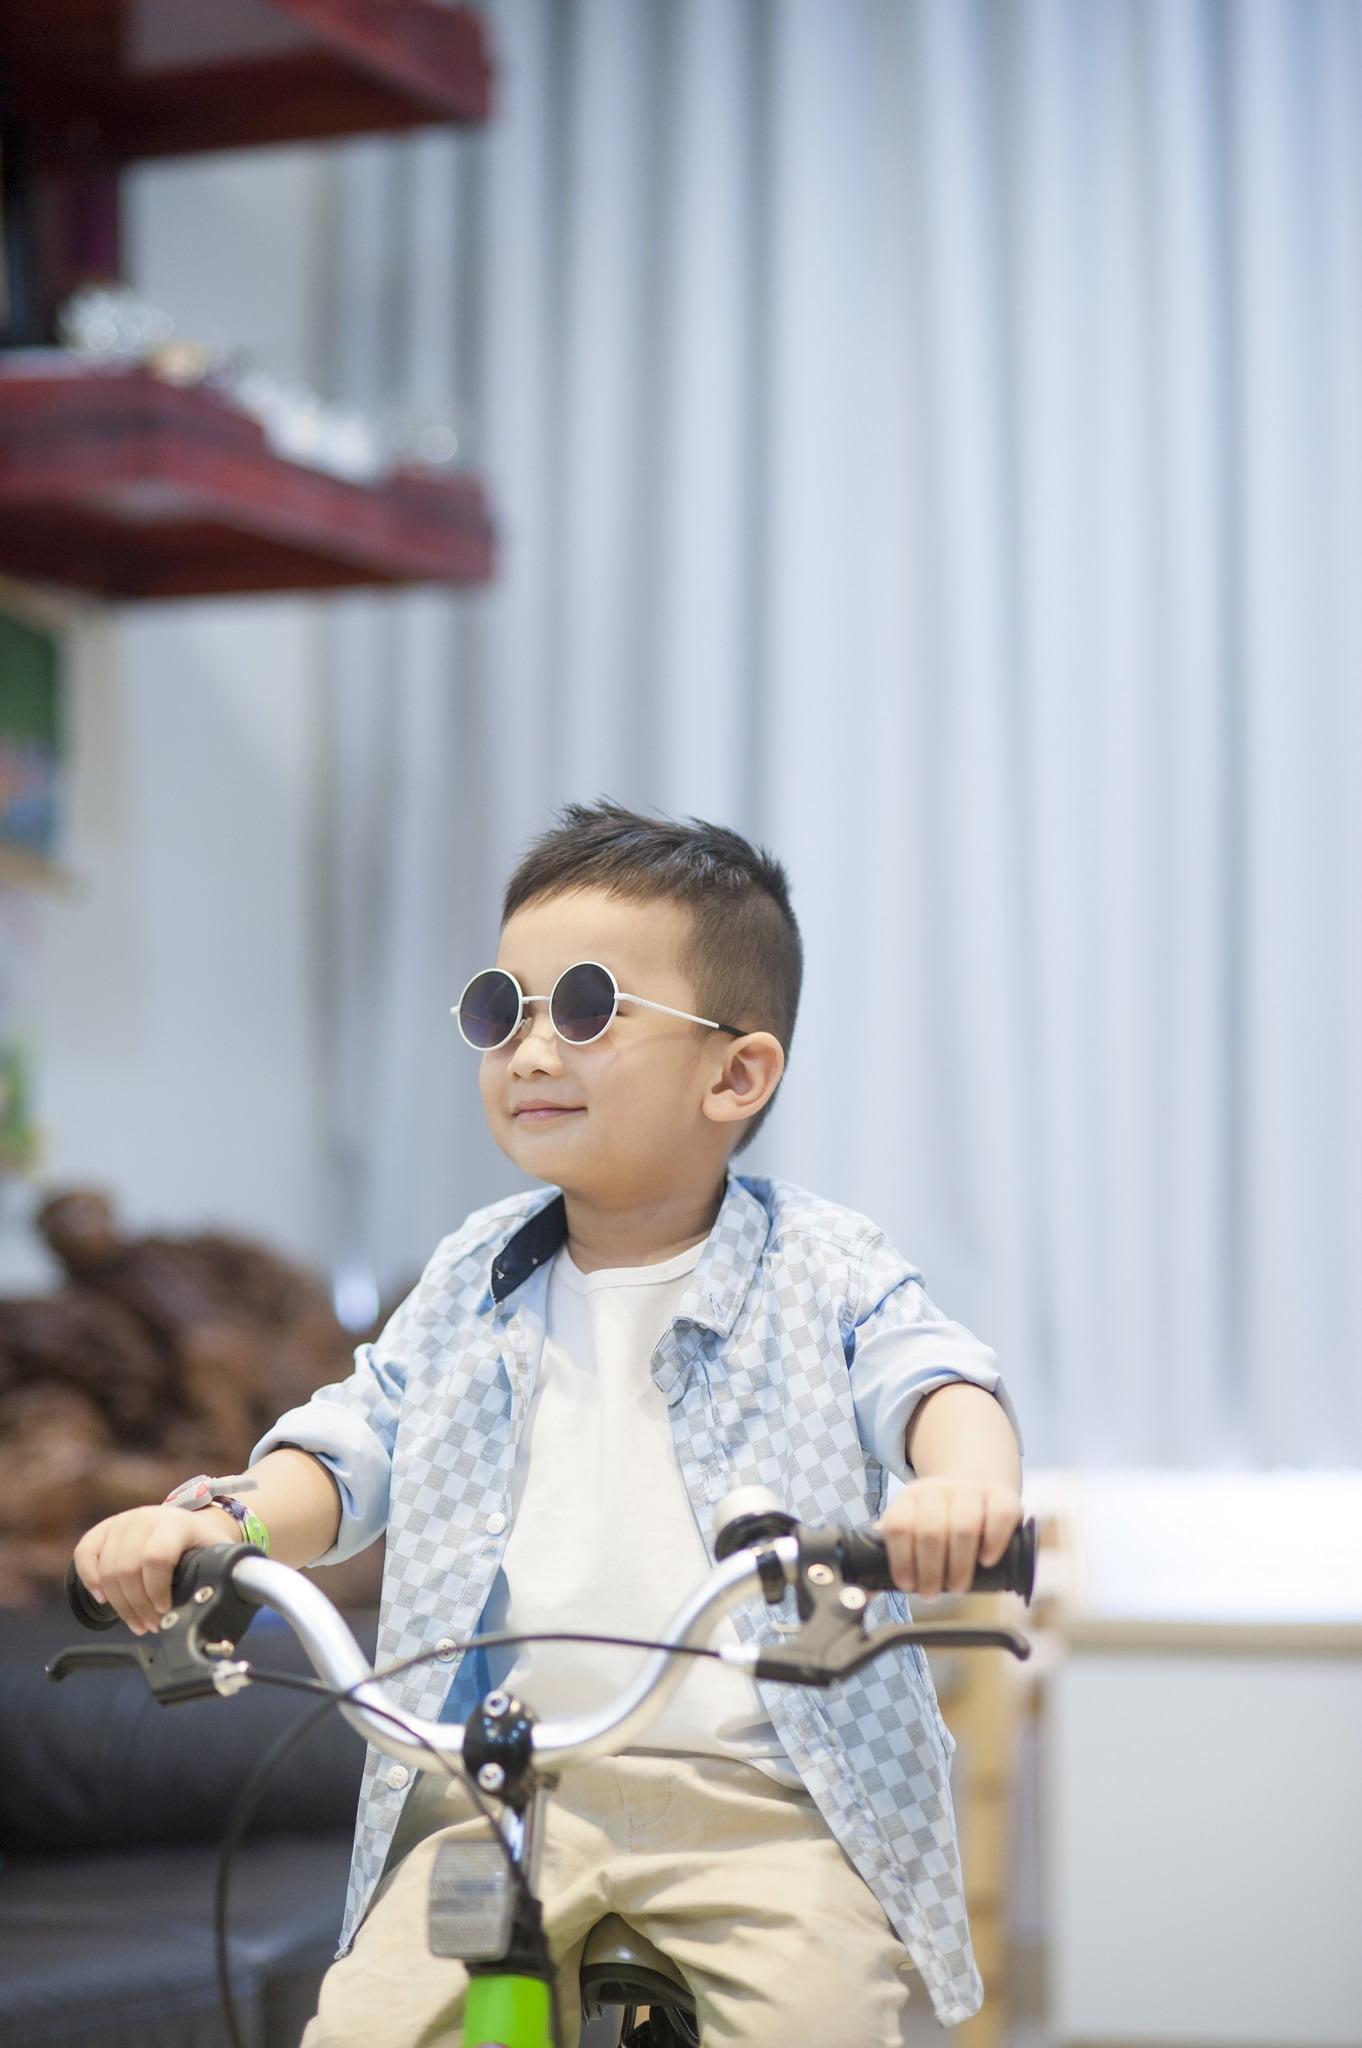 66 - Ảnh chụp bé Jindo 4 tuổi - KDL Bình quới 3 Tp.HCM